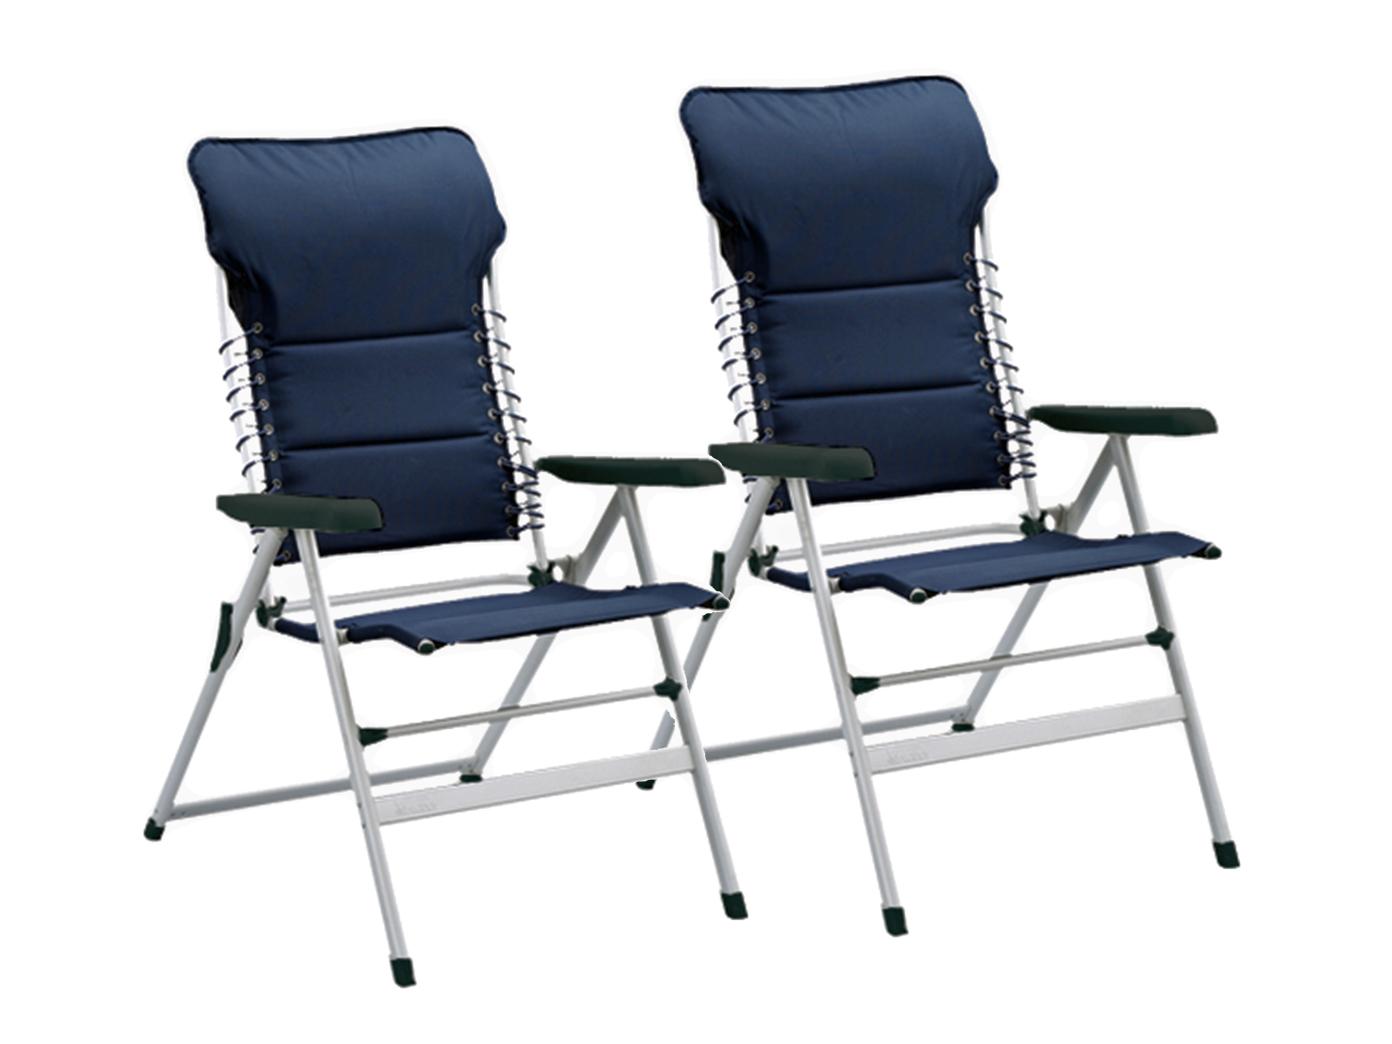 Campingstuhl Liegestuhl.2x Campingstuhl Liegestuhl Sonnenliege Gartenliege Strandliege Relaxliege Navy